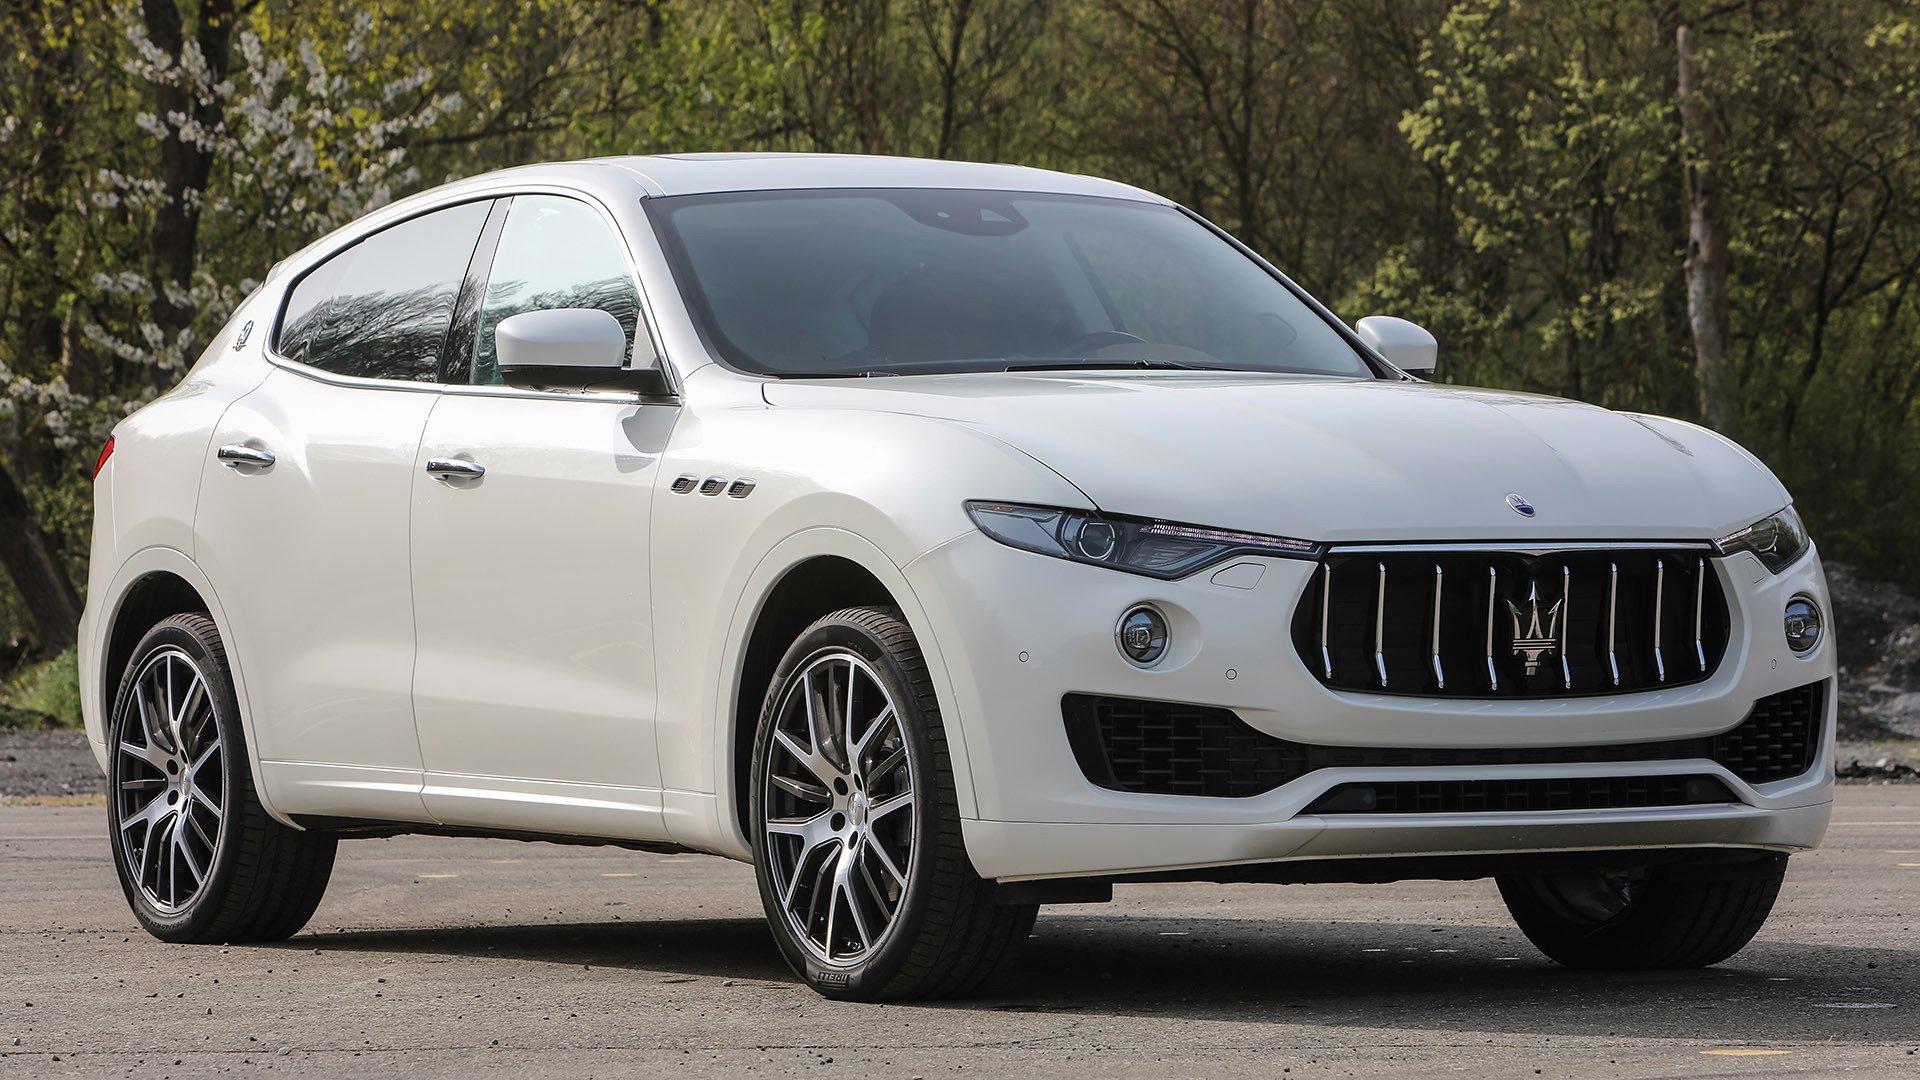 Maserati Levante Cars Suv White 2016 Wallpaper 1920x1080 939700 Wallpaperup